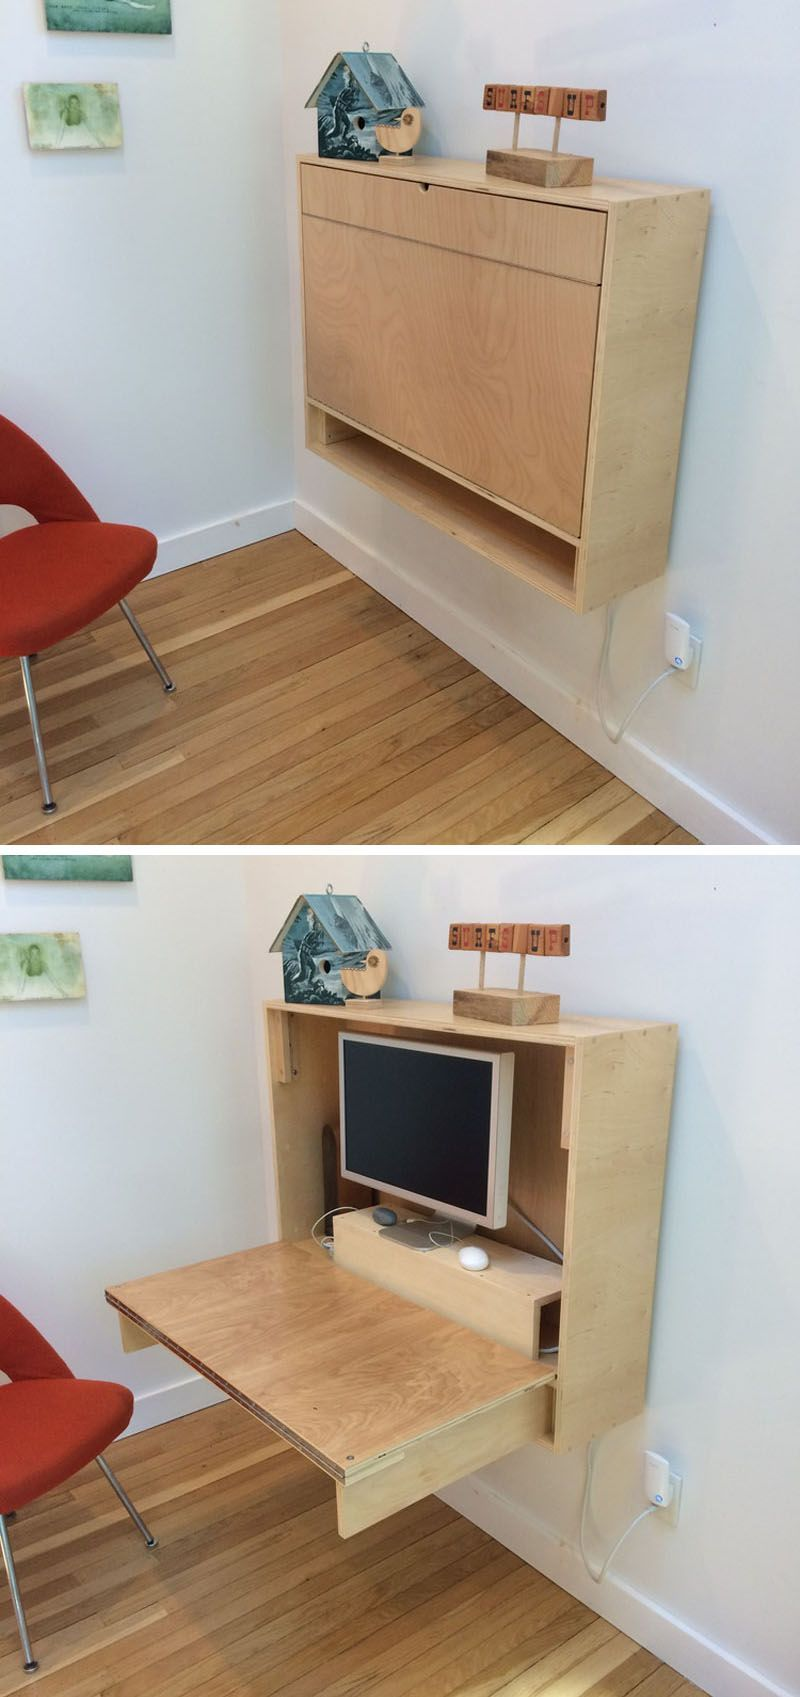 Fabriquer Une Table Escamotable Épinglé sur idée meuble & accessoire divers